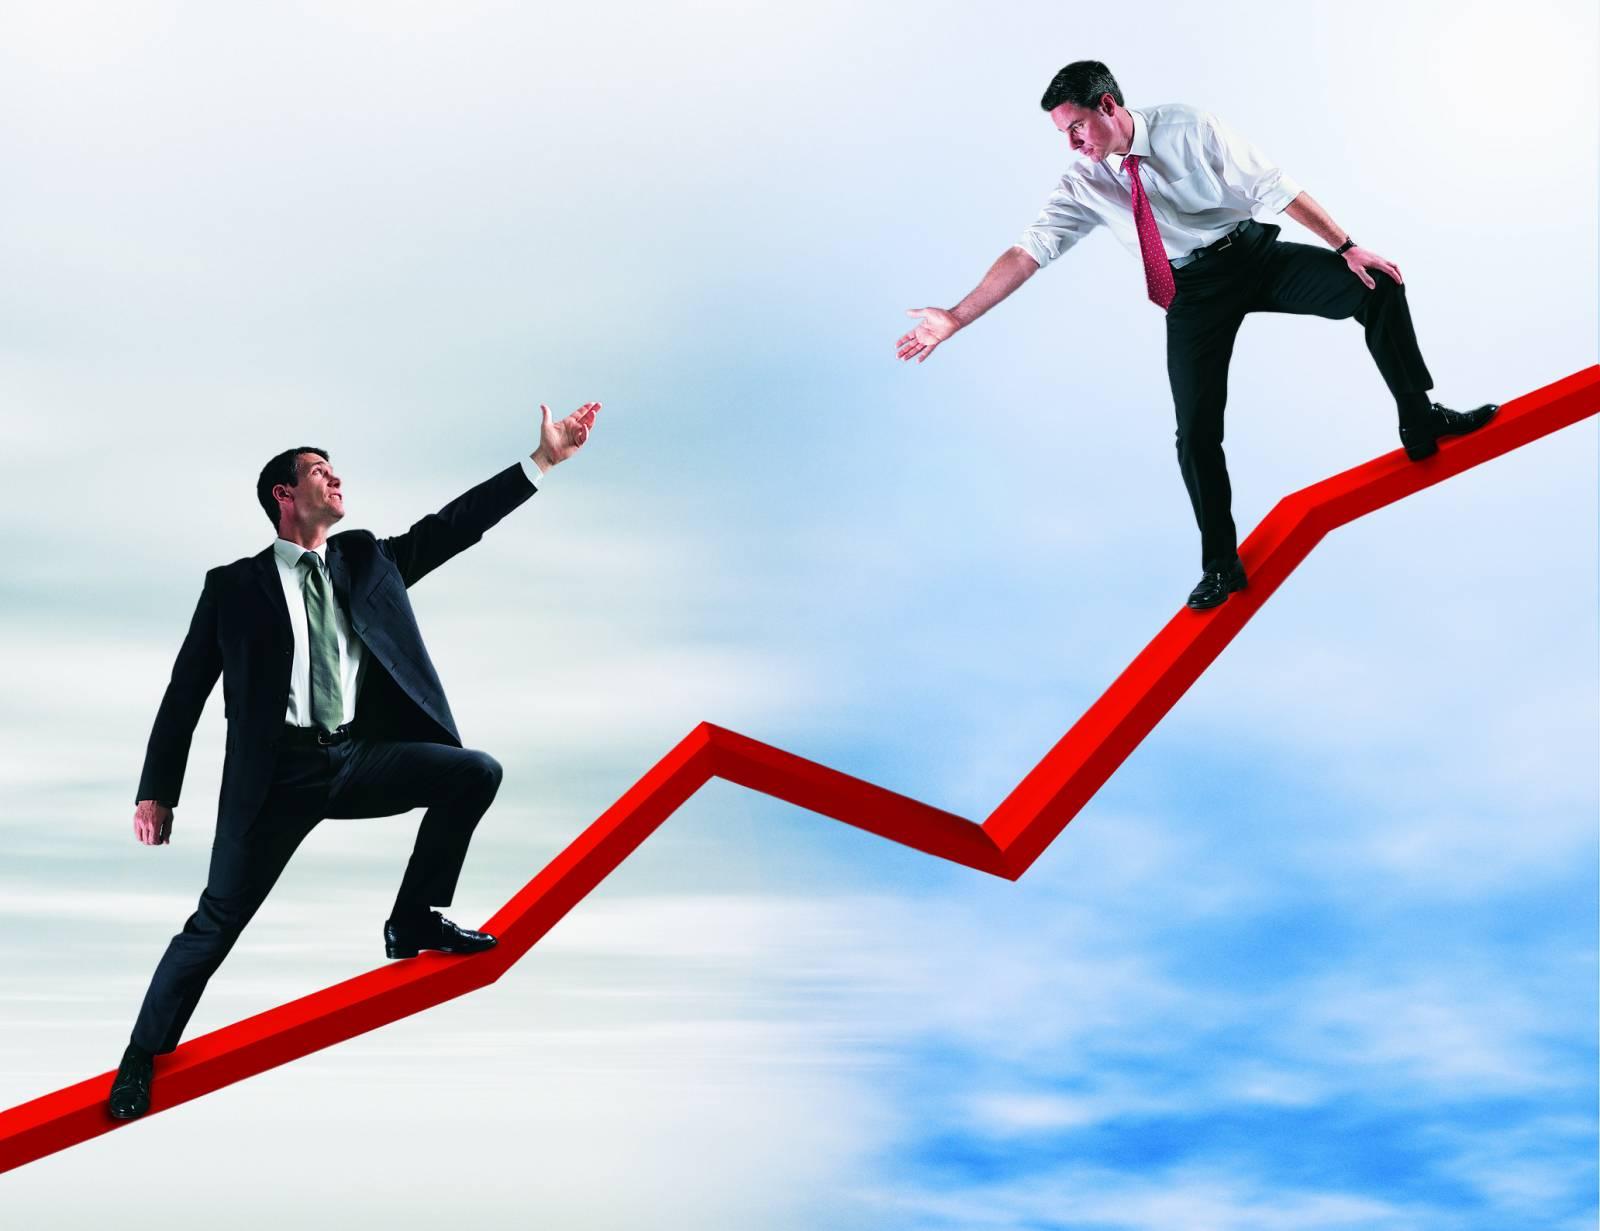 болоте мем картинки быстрый старт в бизнесе осторожные